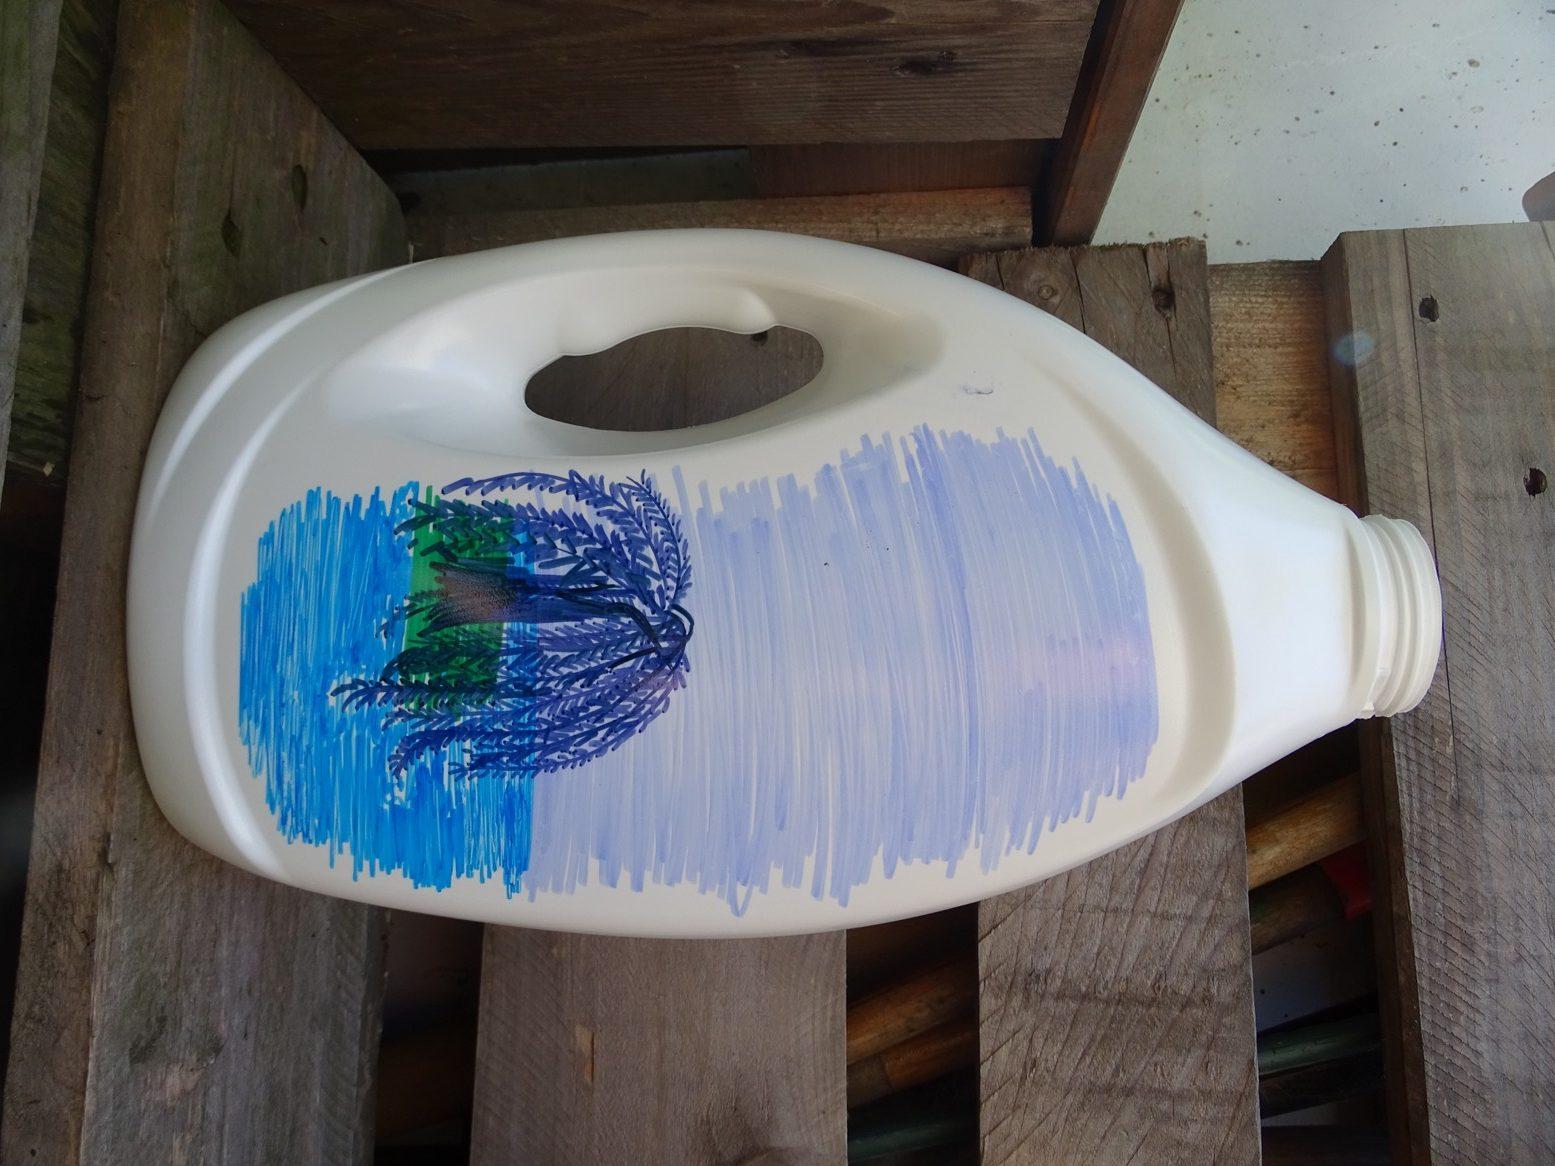 Waschmittelflaschen-Upcycling: zeichne schöne Landschaften mit Permanentmakern